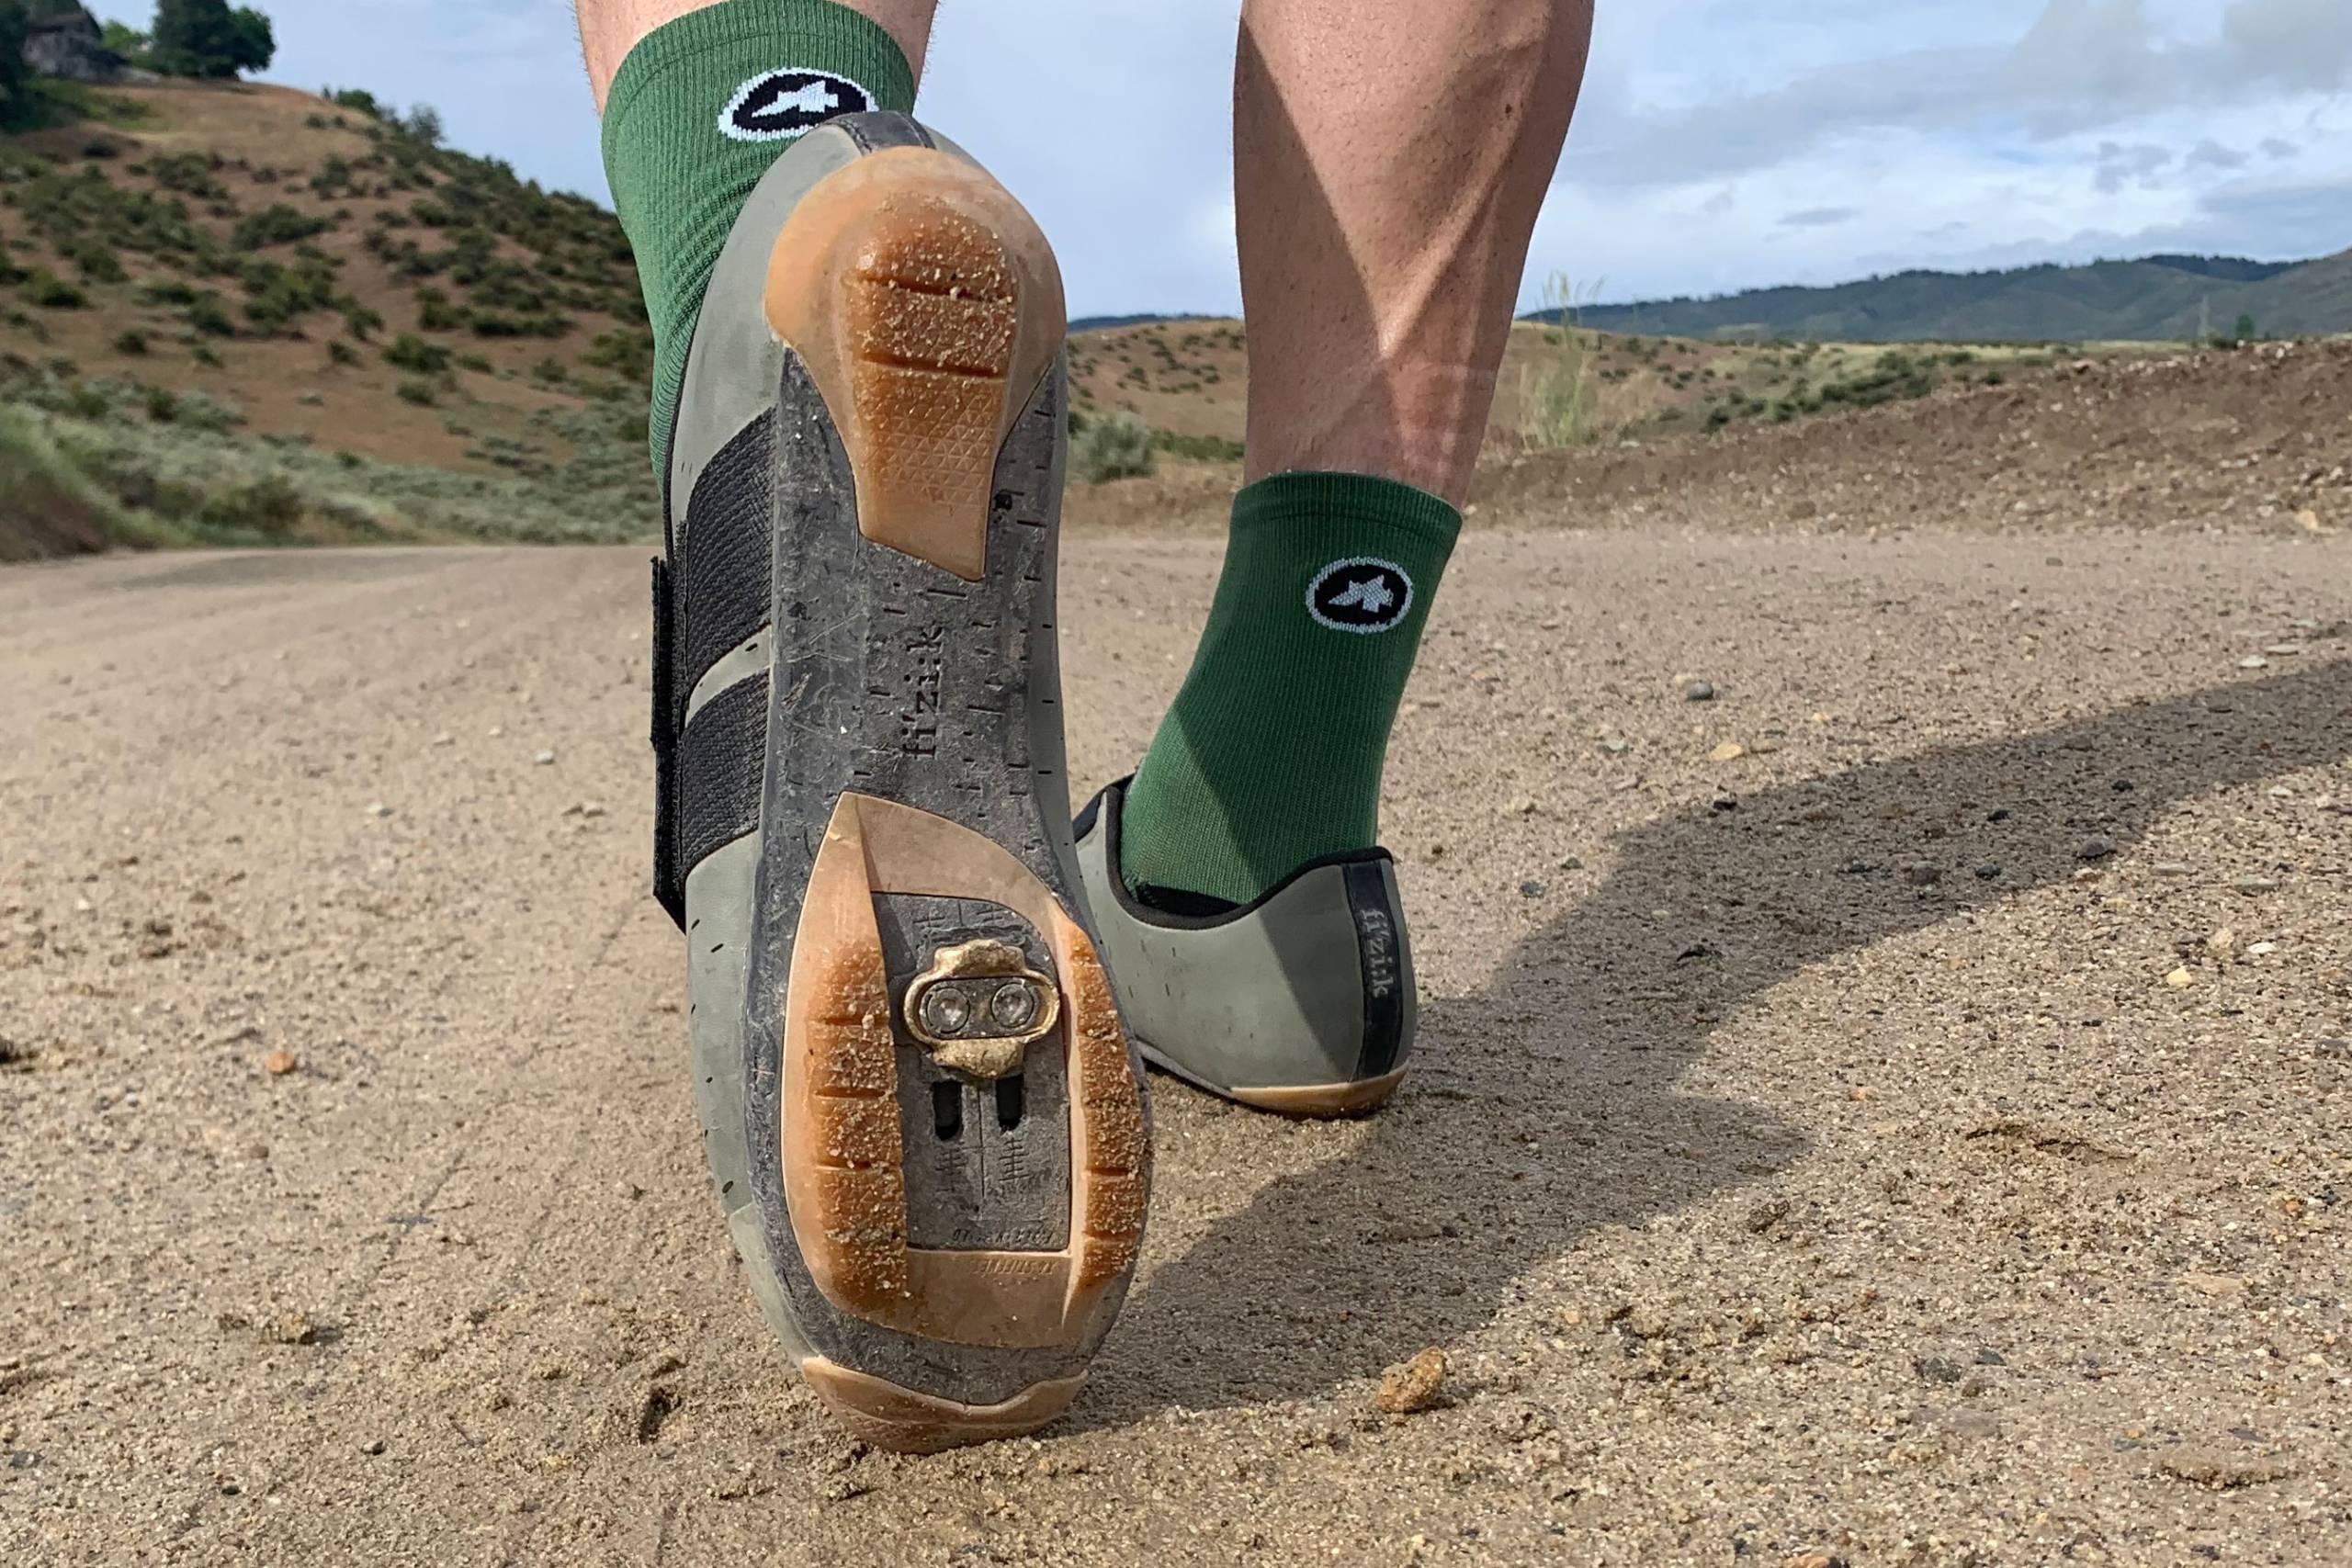 GearJunkie_Best_Gravel_Shoes_2021_Fizik_Terra_powerstrap_X4_2